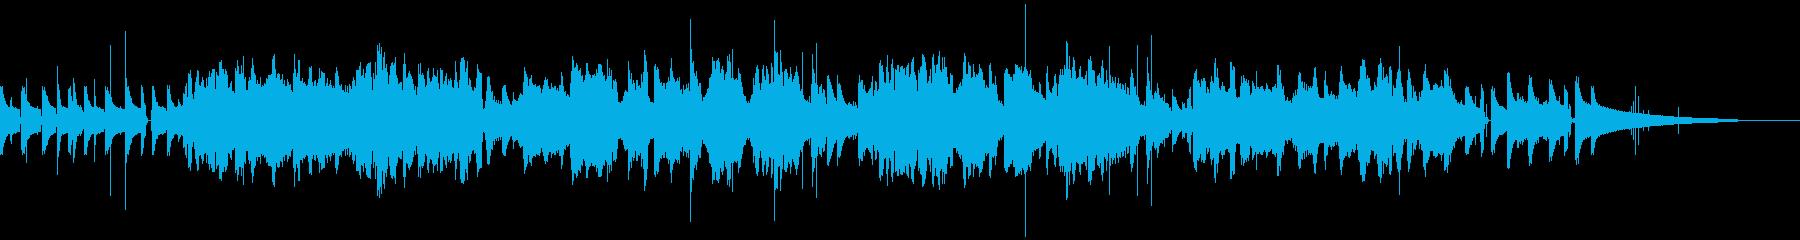 のんびりしたトロンボーンとフルートのボサの再生済みの波形